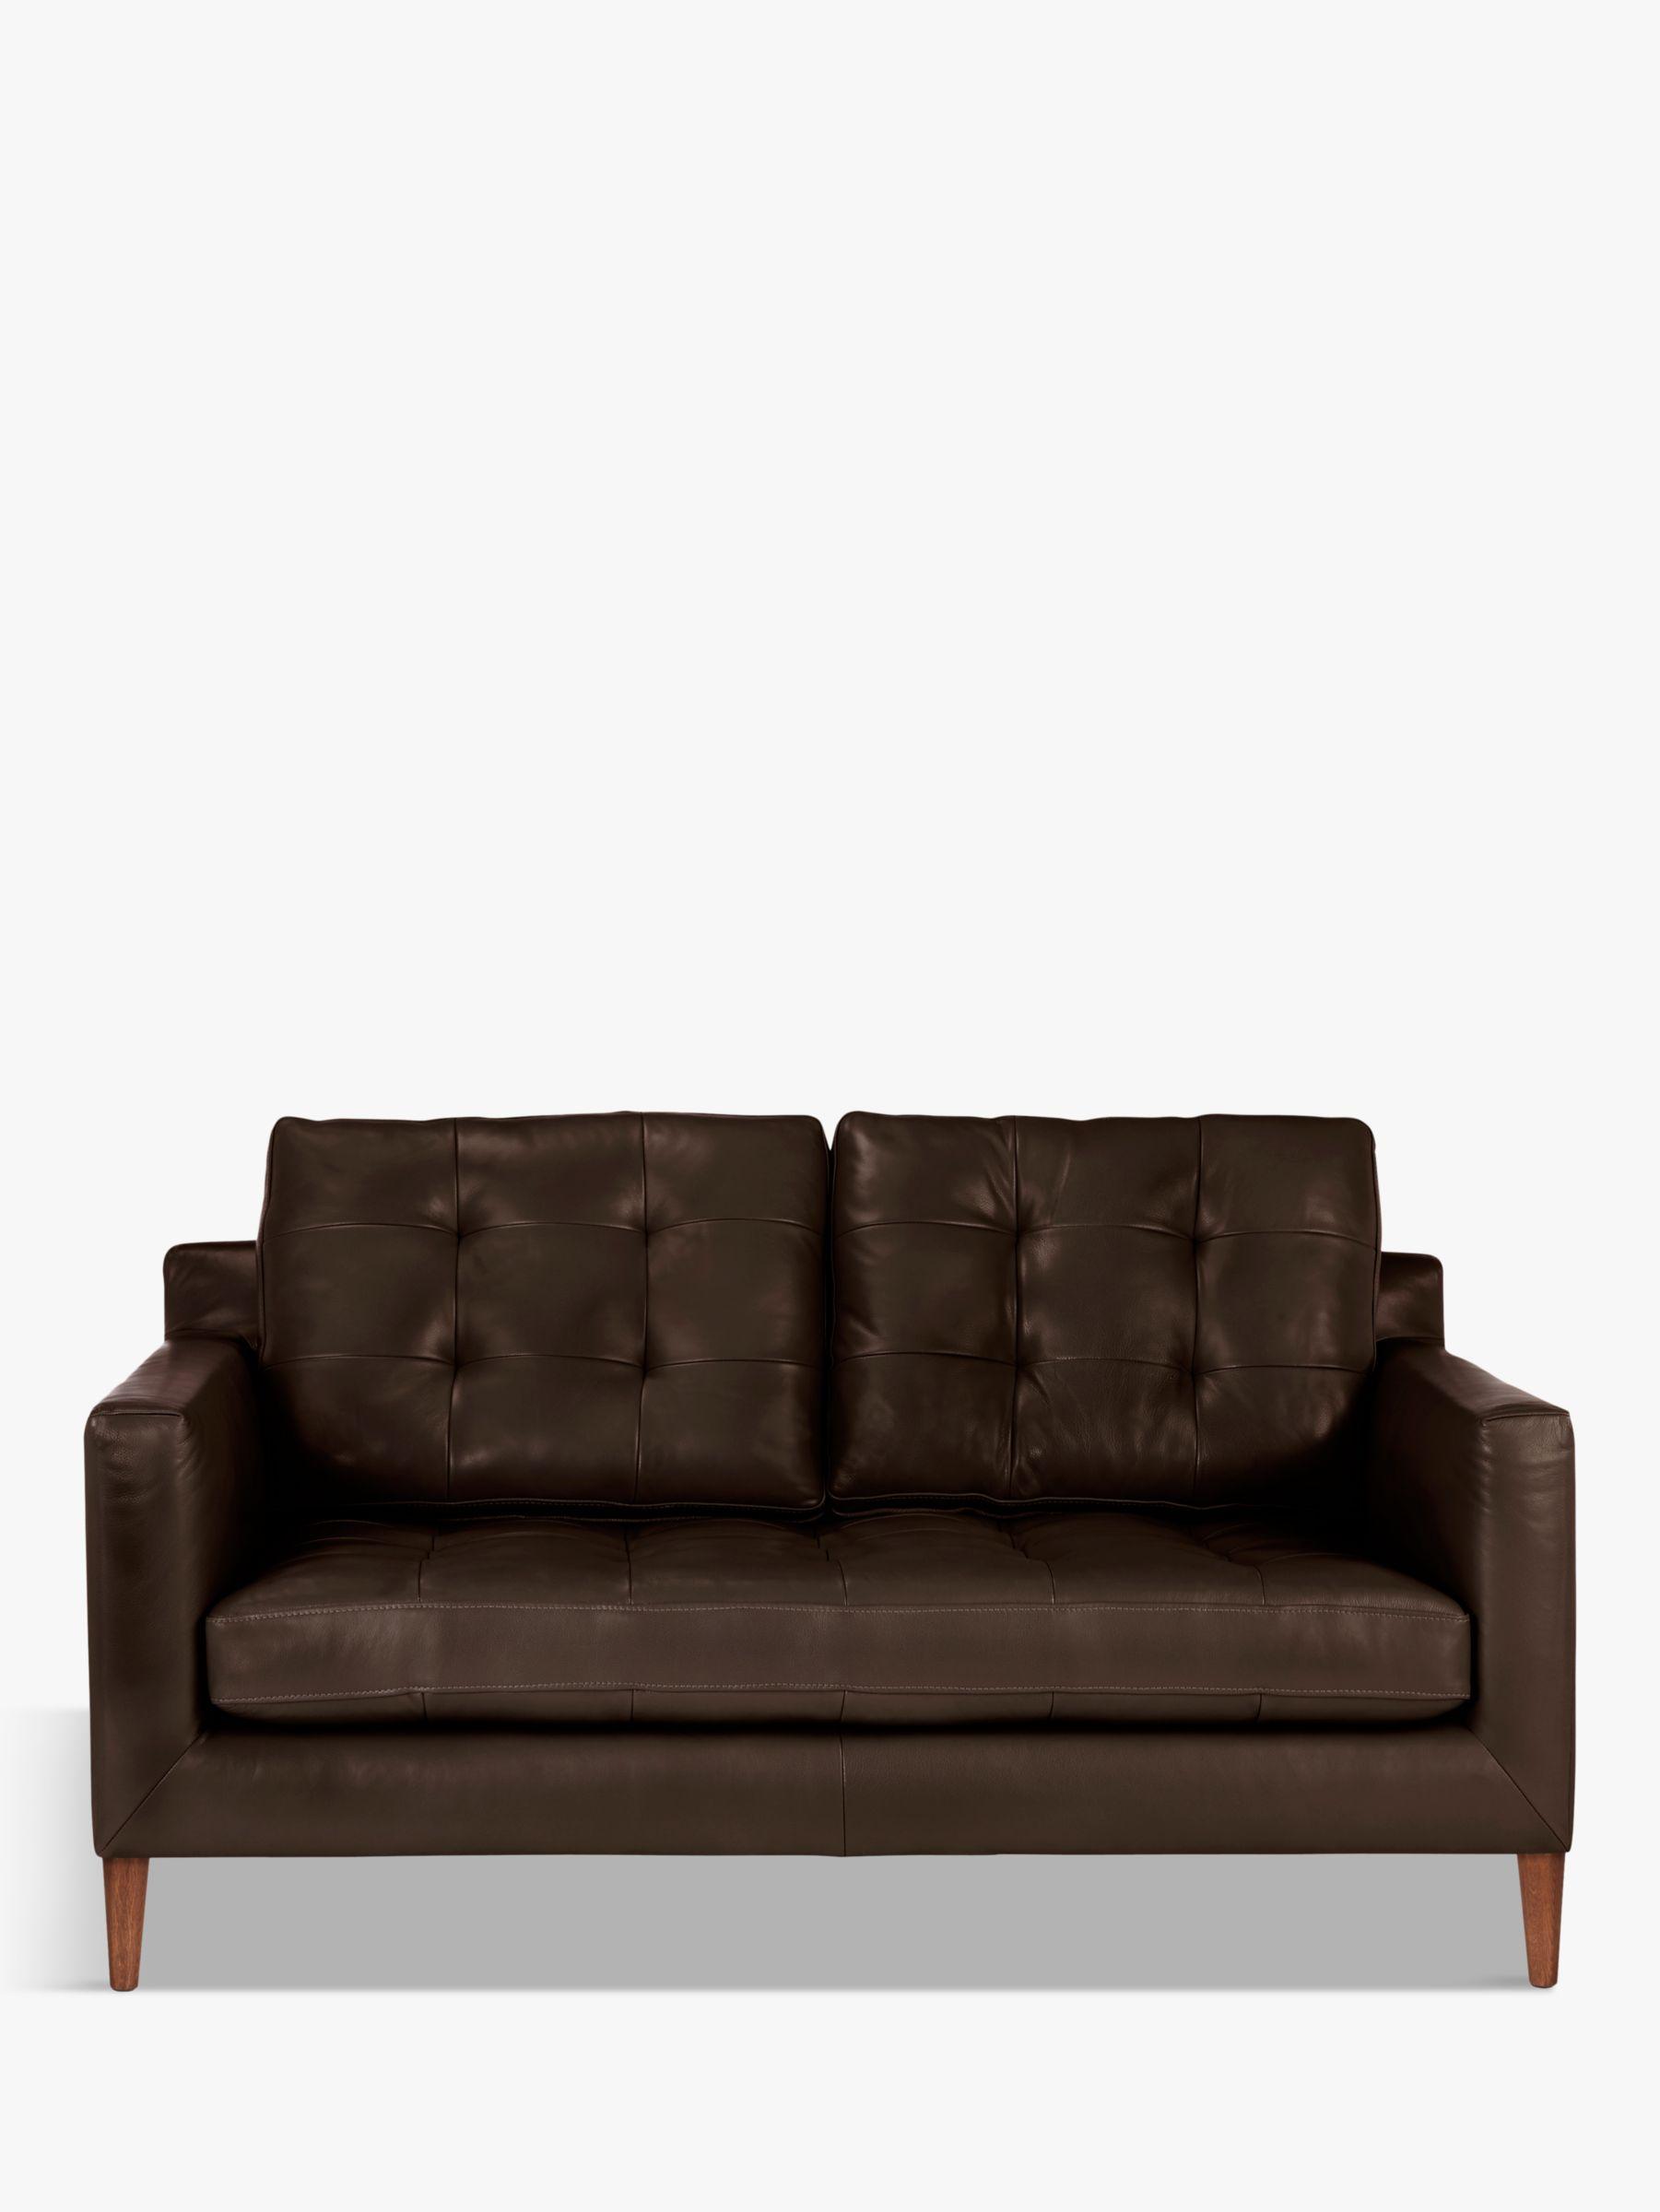 brown leather sofa on legs silver velvet towie john lewis partners draper 2 seater dark leg at buyjohn nature online